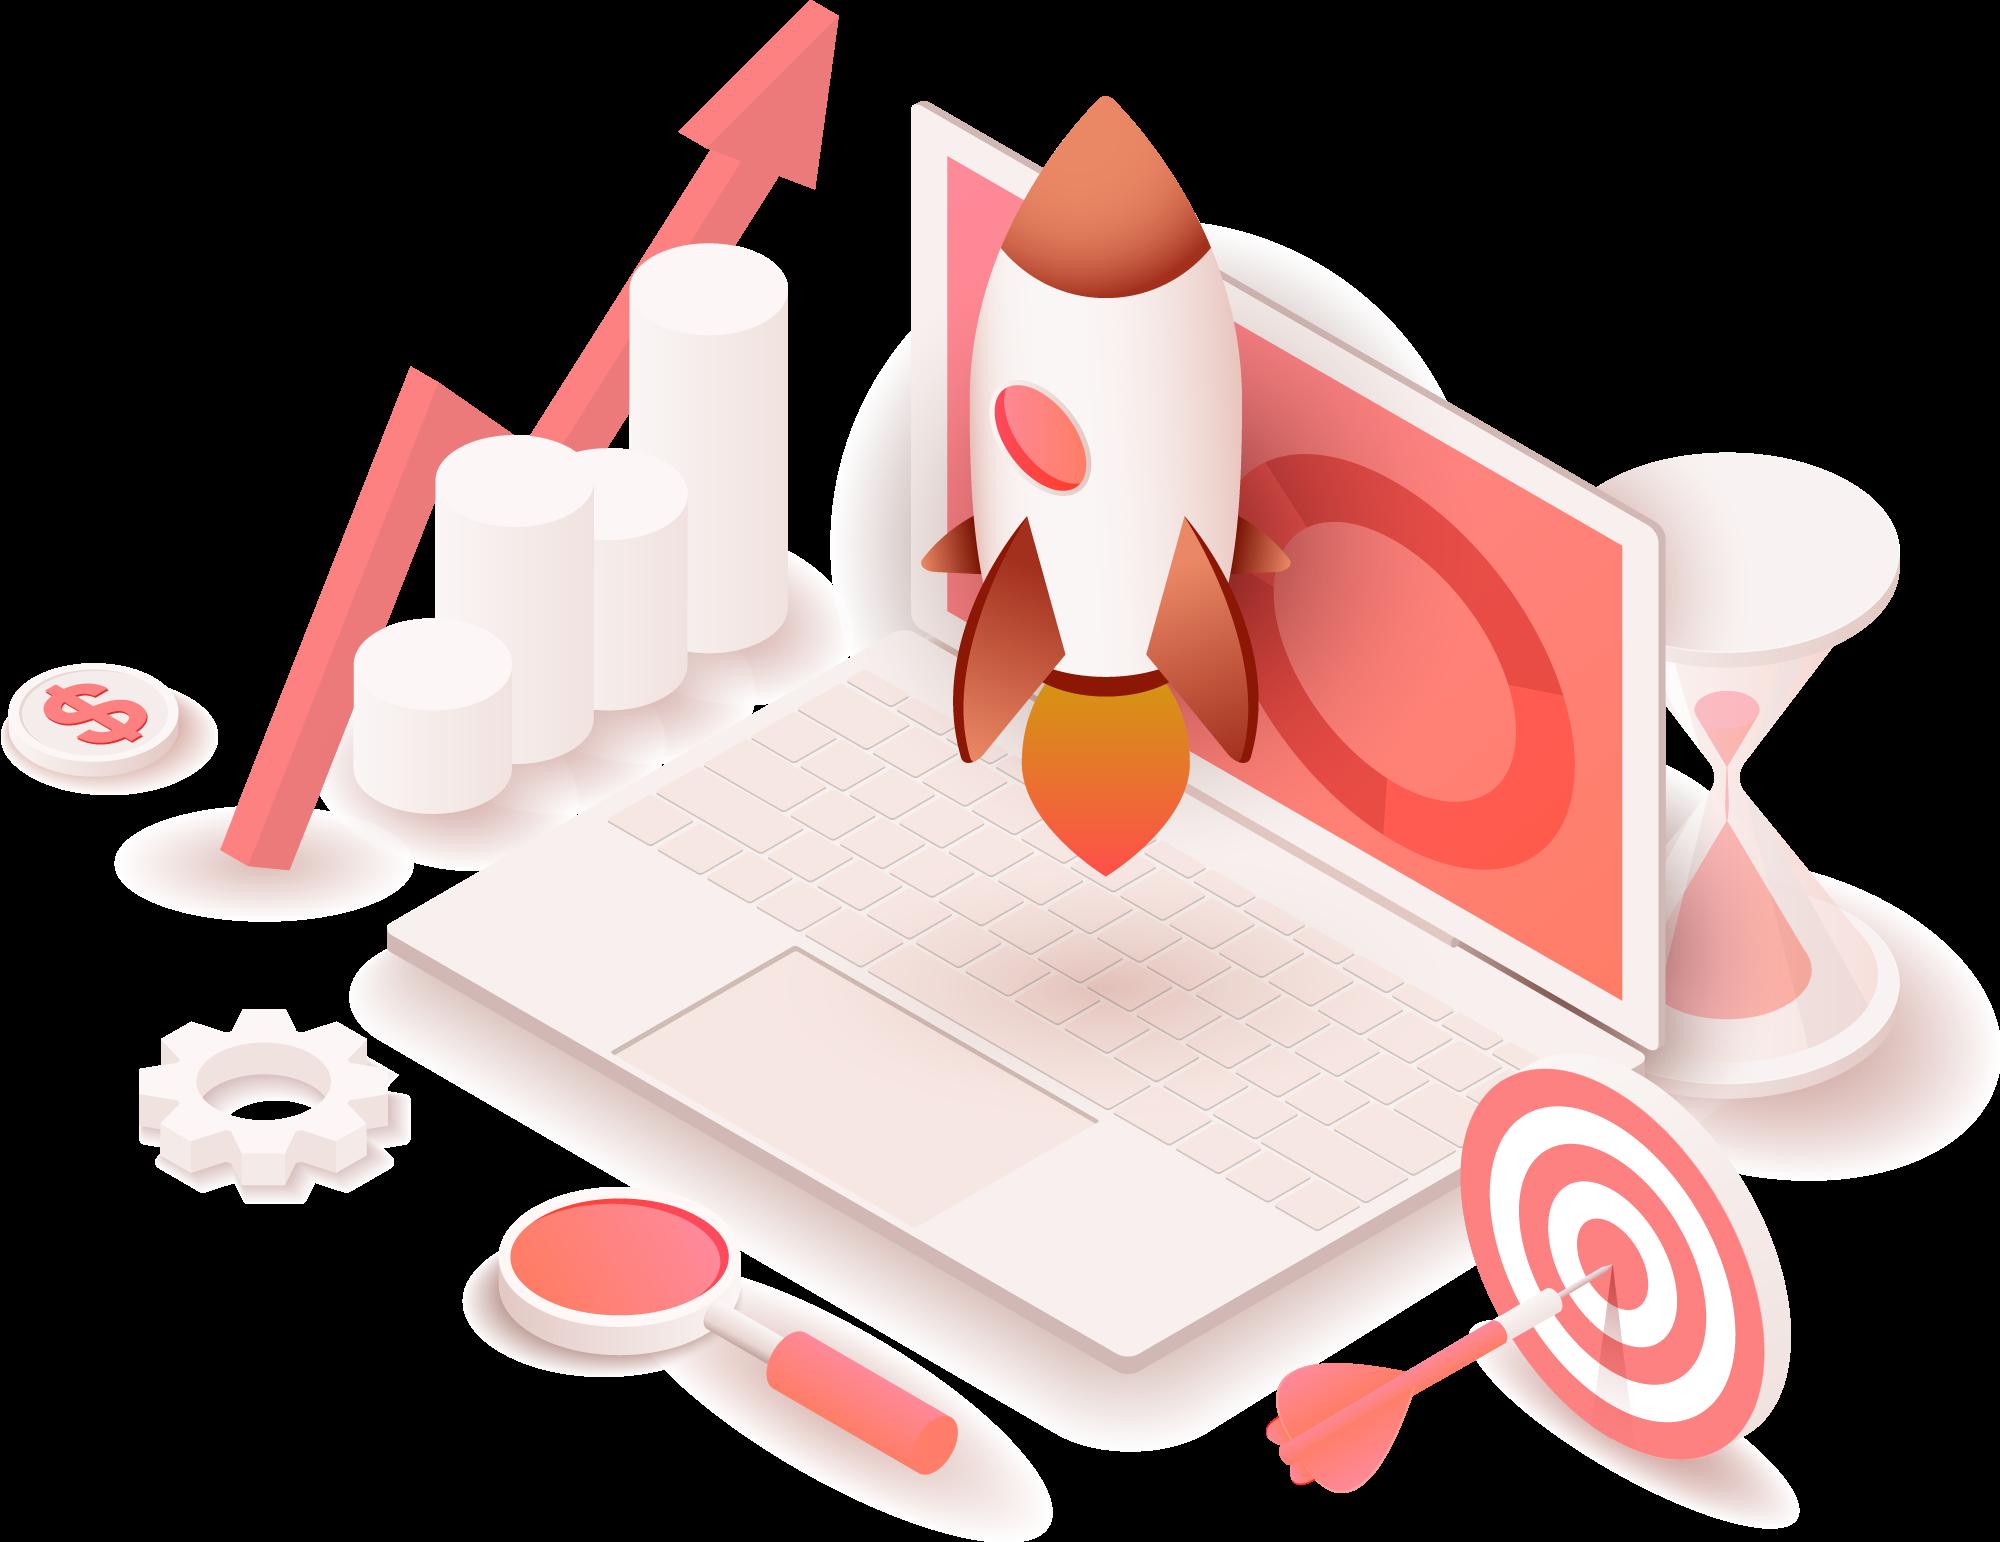 kopfmedia-werbeagentur-offenburg-online-marketing-werbung-marketingstrategie